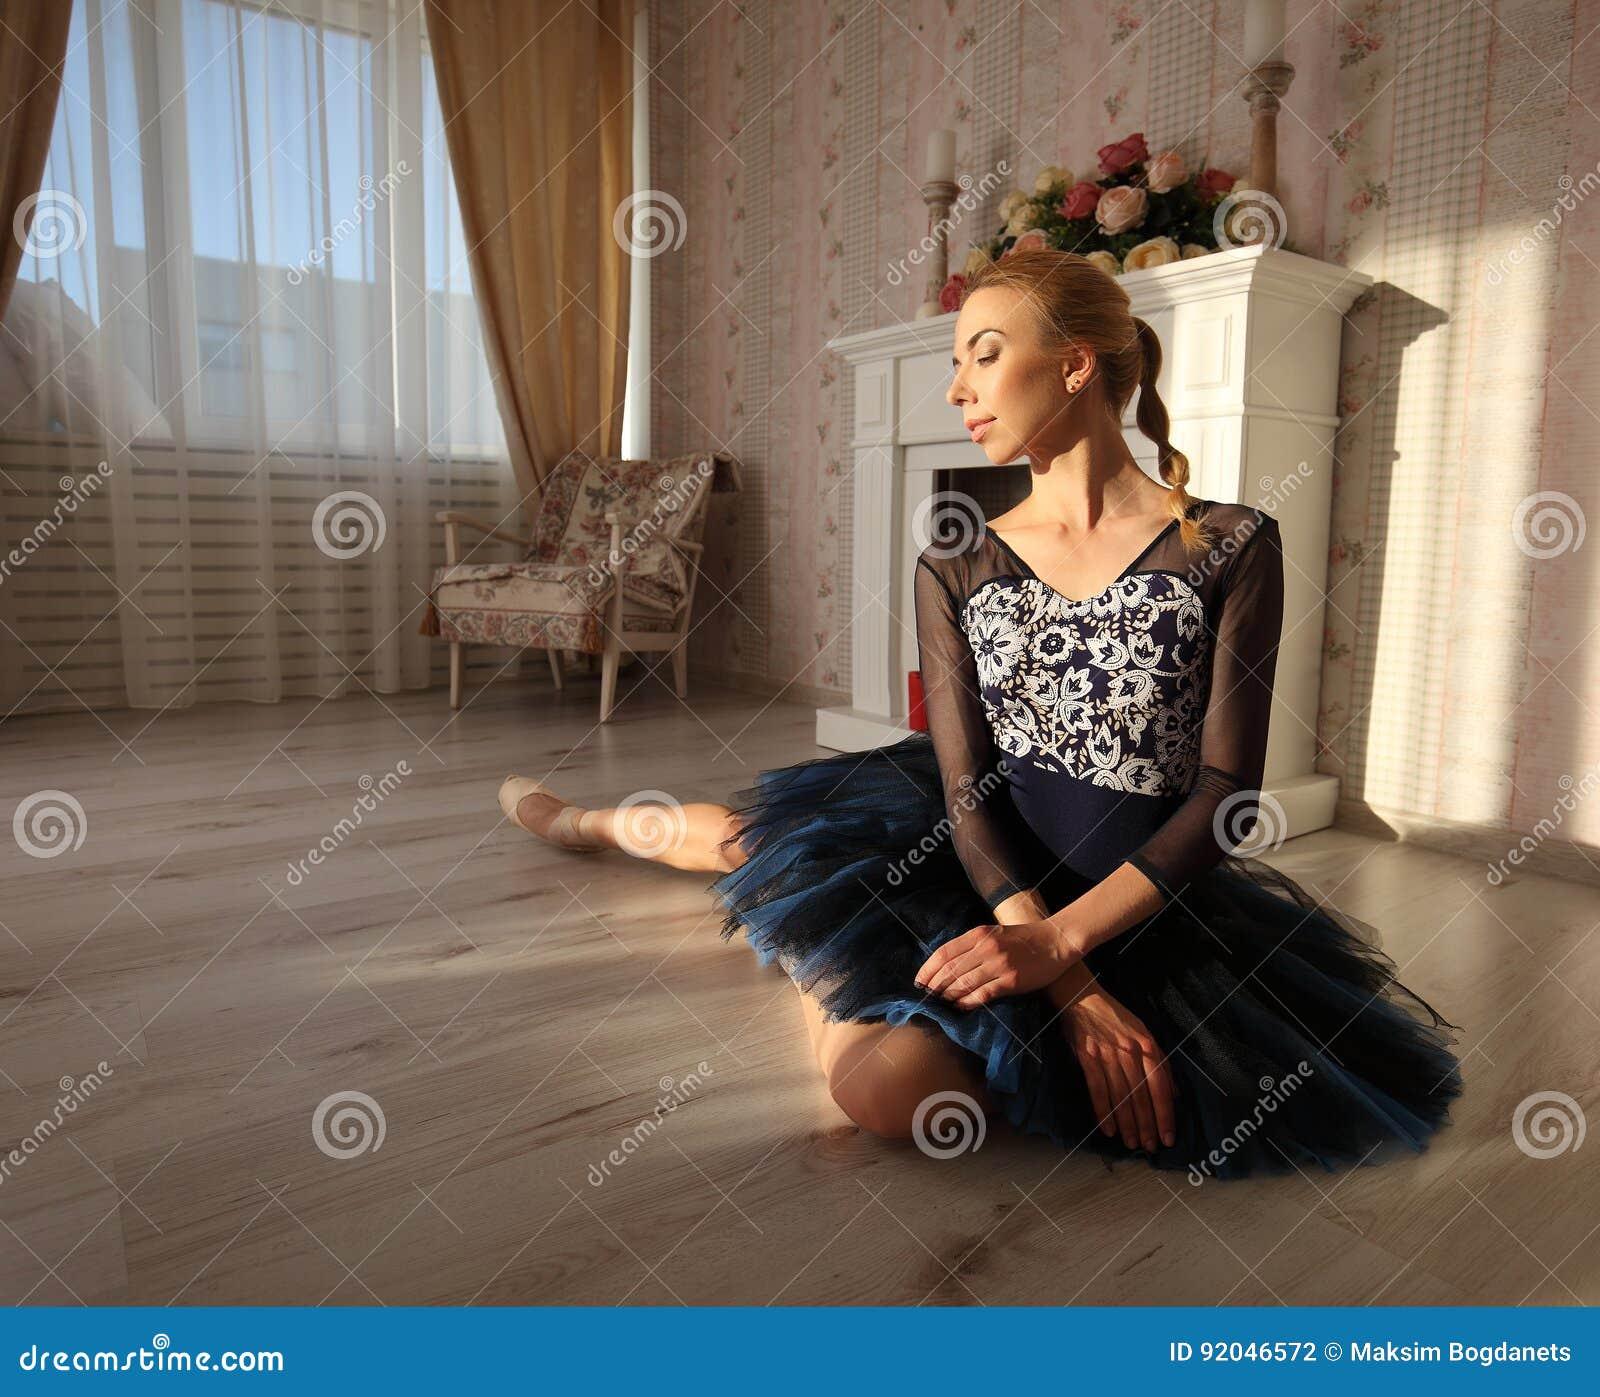 Πορτρέτο μιας επαγγελματικής συνεδρίασης χορευτών μπαλέτου στο ξύλινο πάτωμα